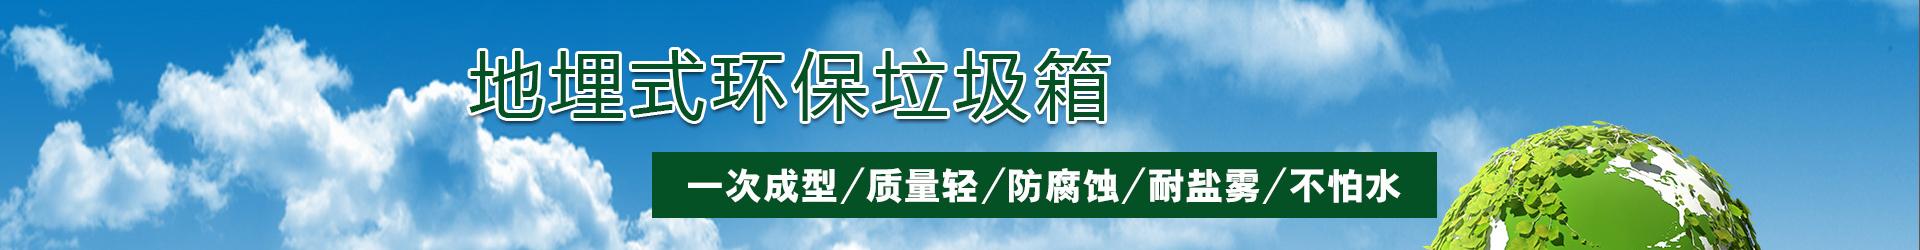 辽宁绿岛科技有限公司